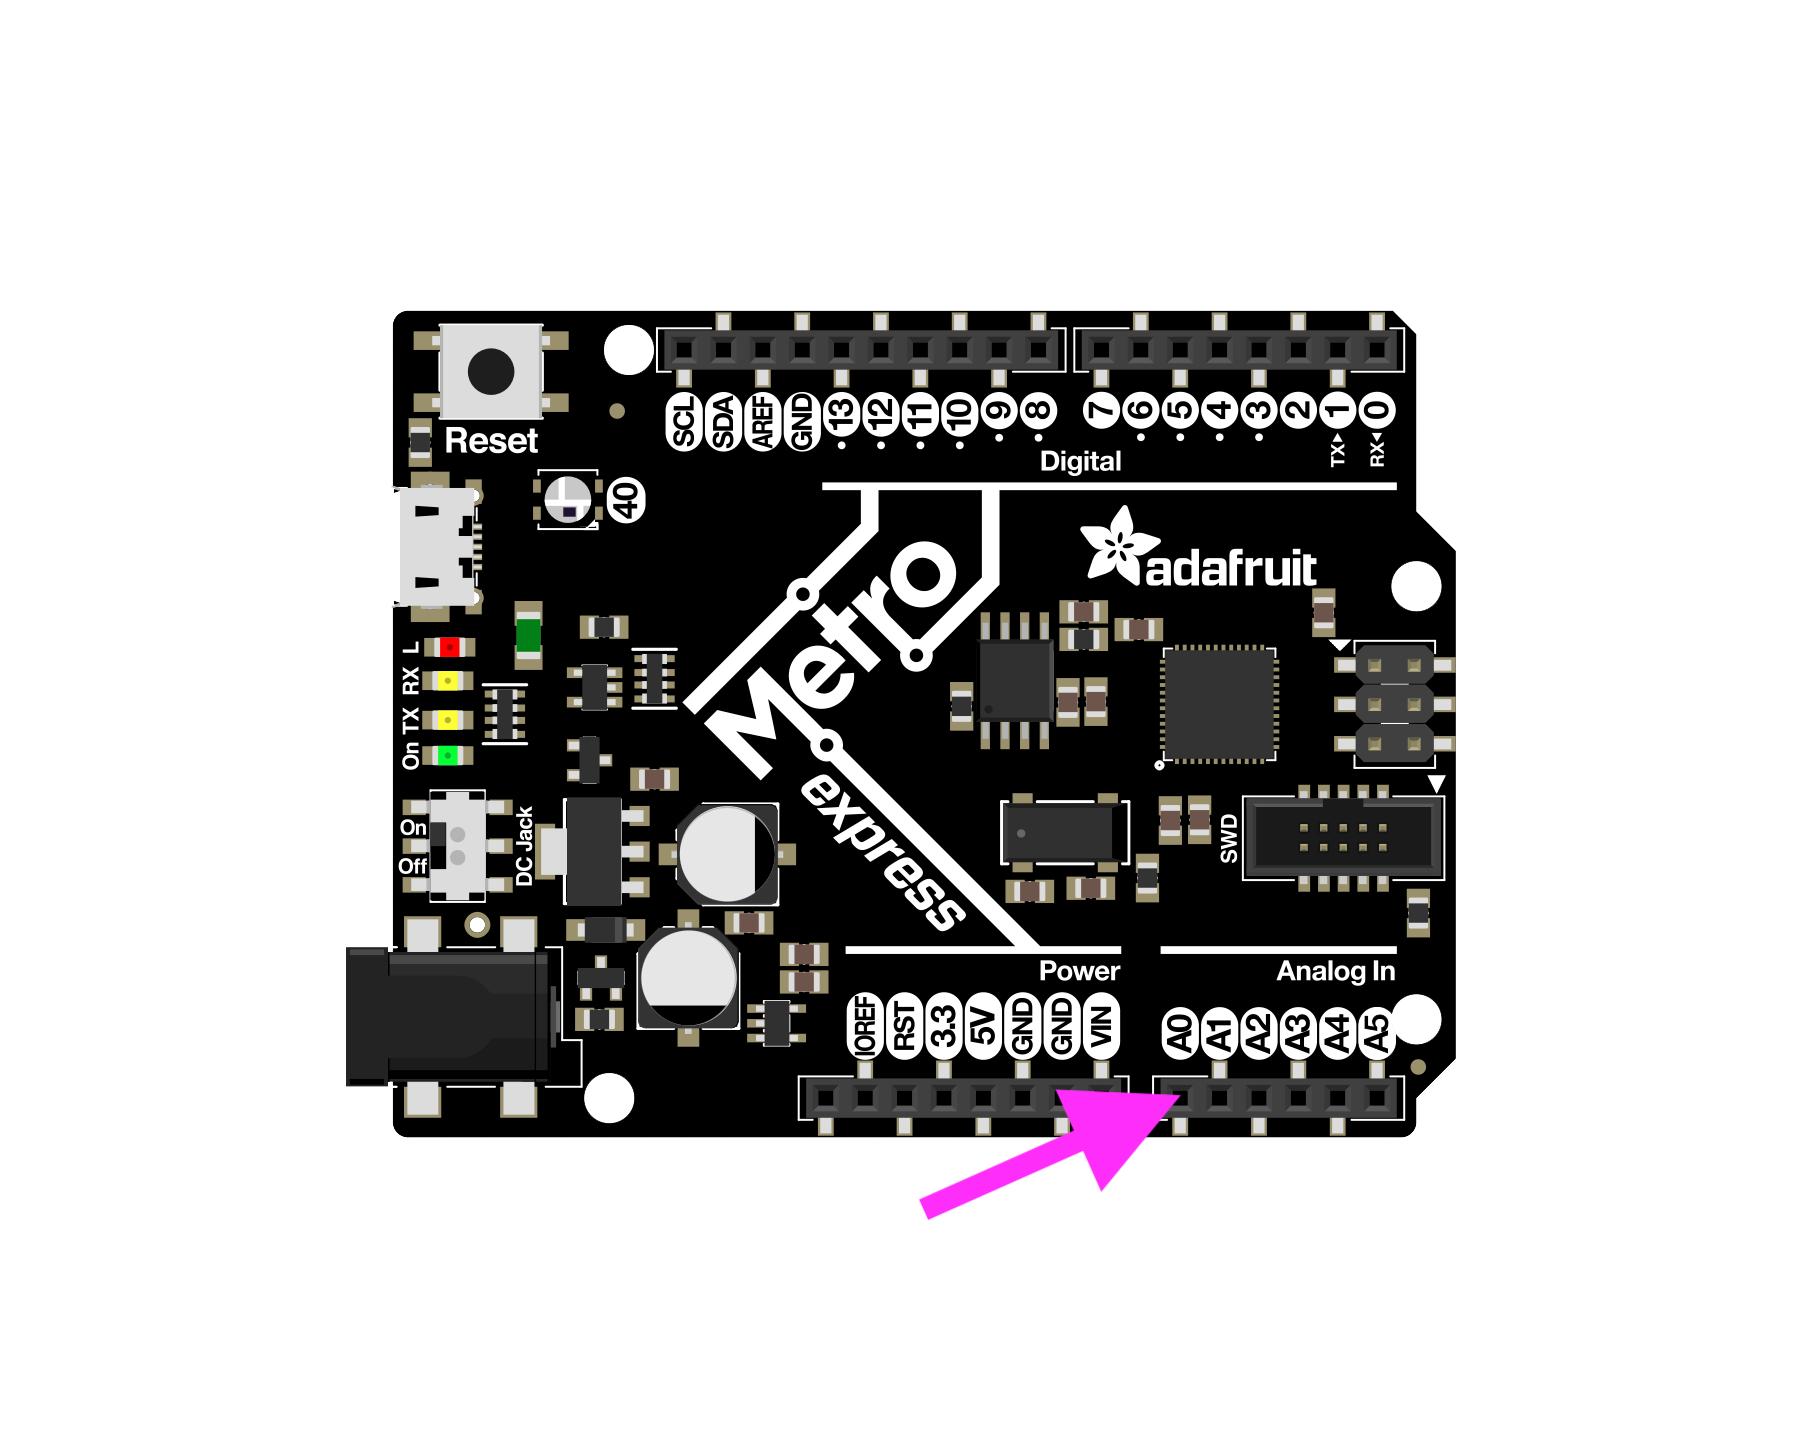 circuitpython_MetroM0ExpressBoardAnalogOut.png